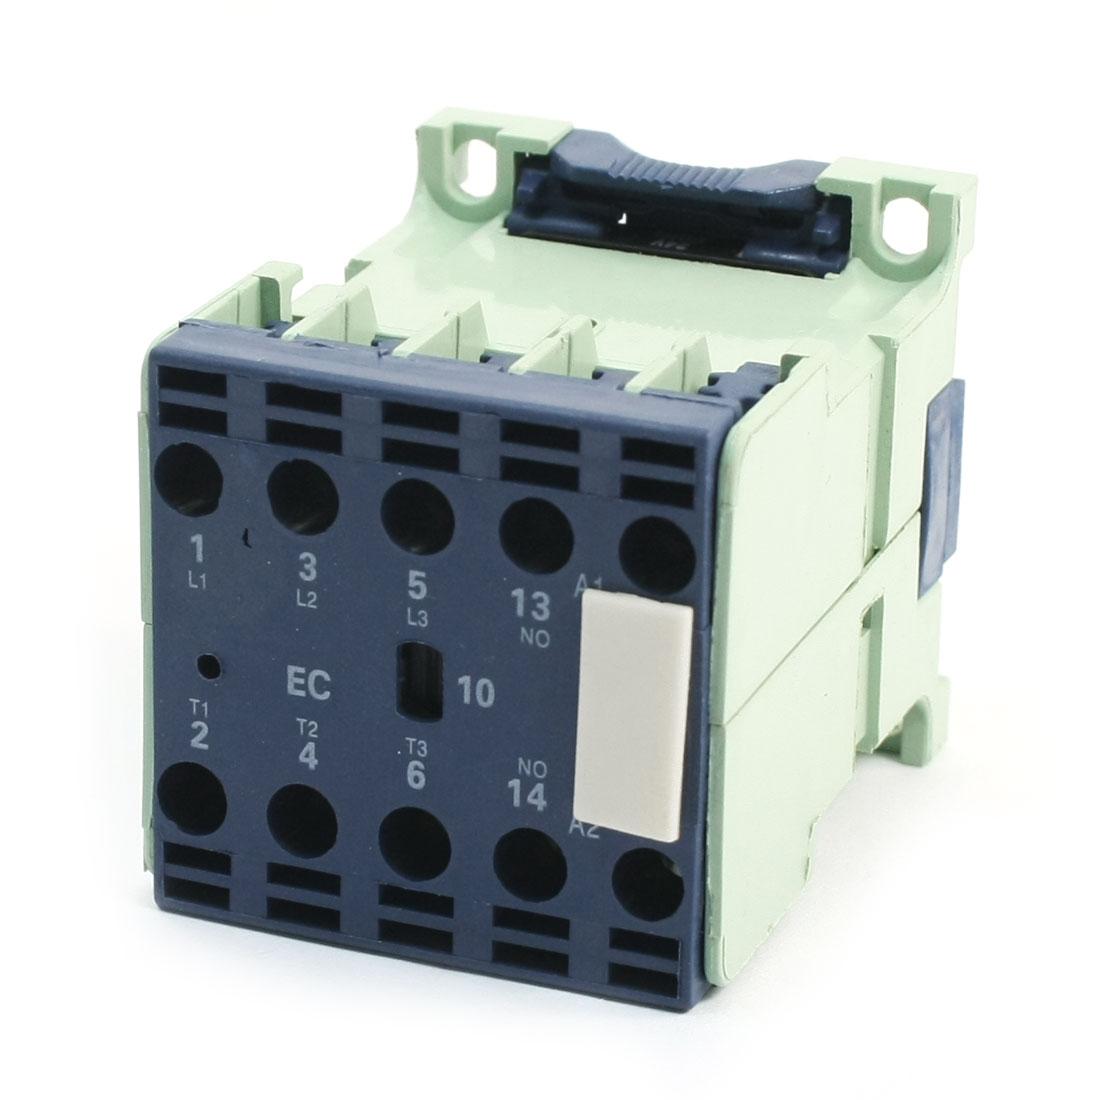 CJX2-0610E 660V 6A 3 Poles 3P 1NO DIN Rail AC Contactor 24V Coil